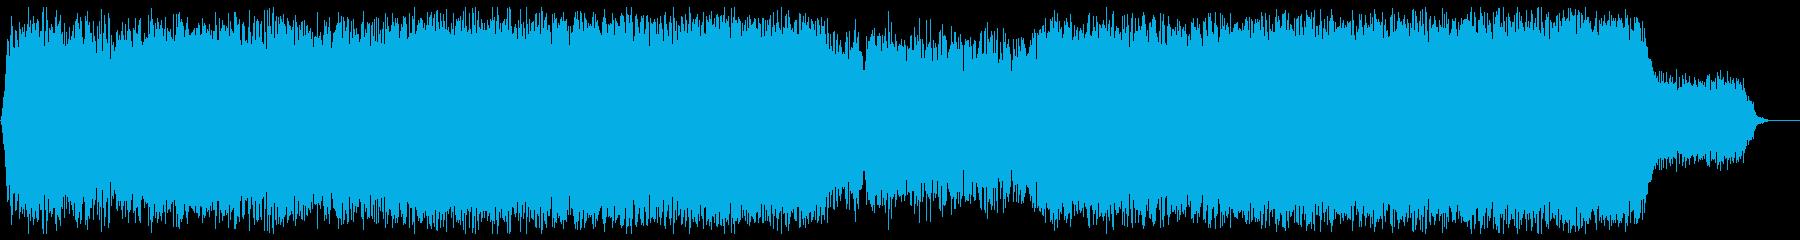 浮遊感があるゆっくりなメロディーの再生済みの波形